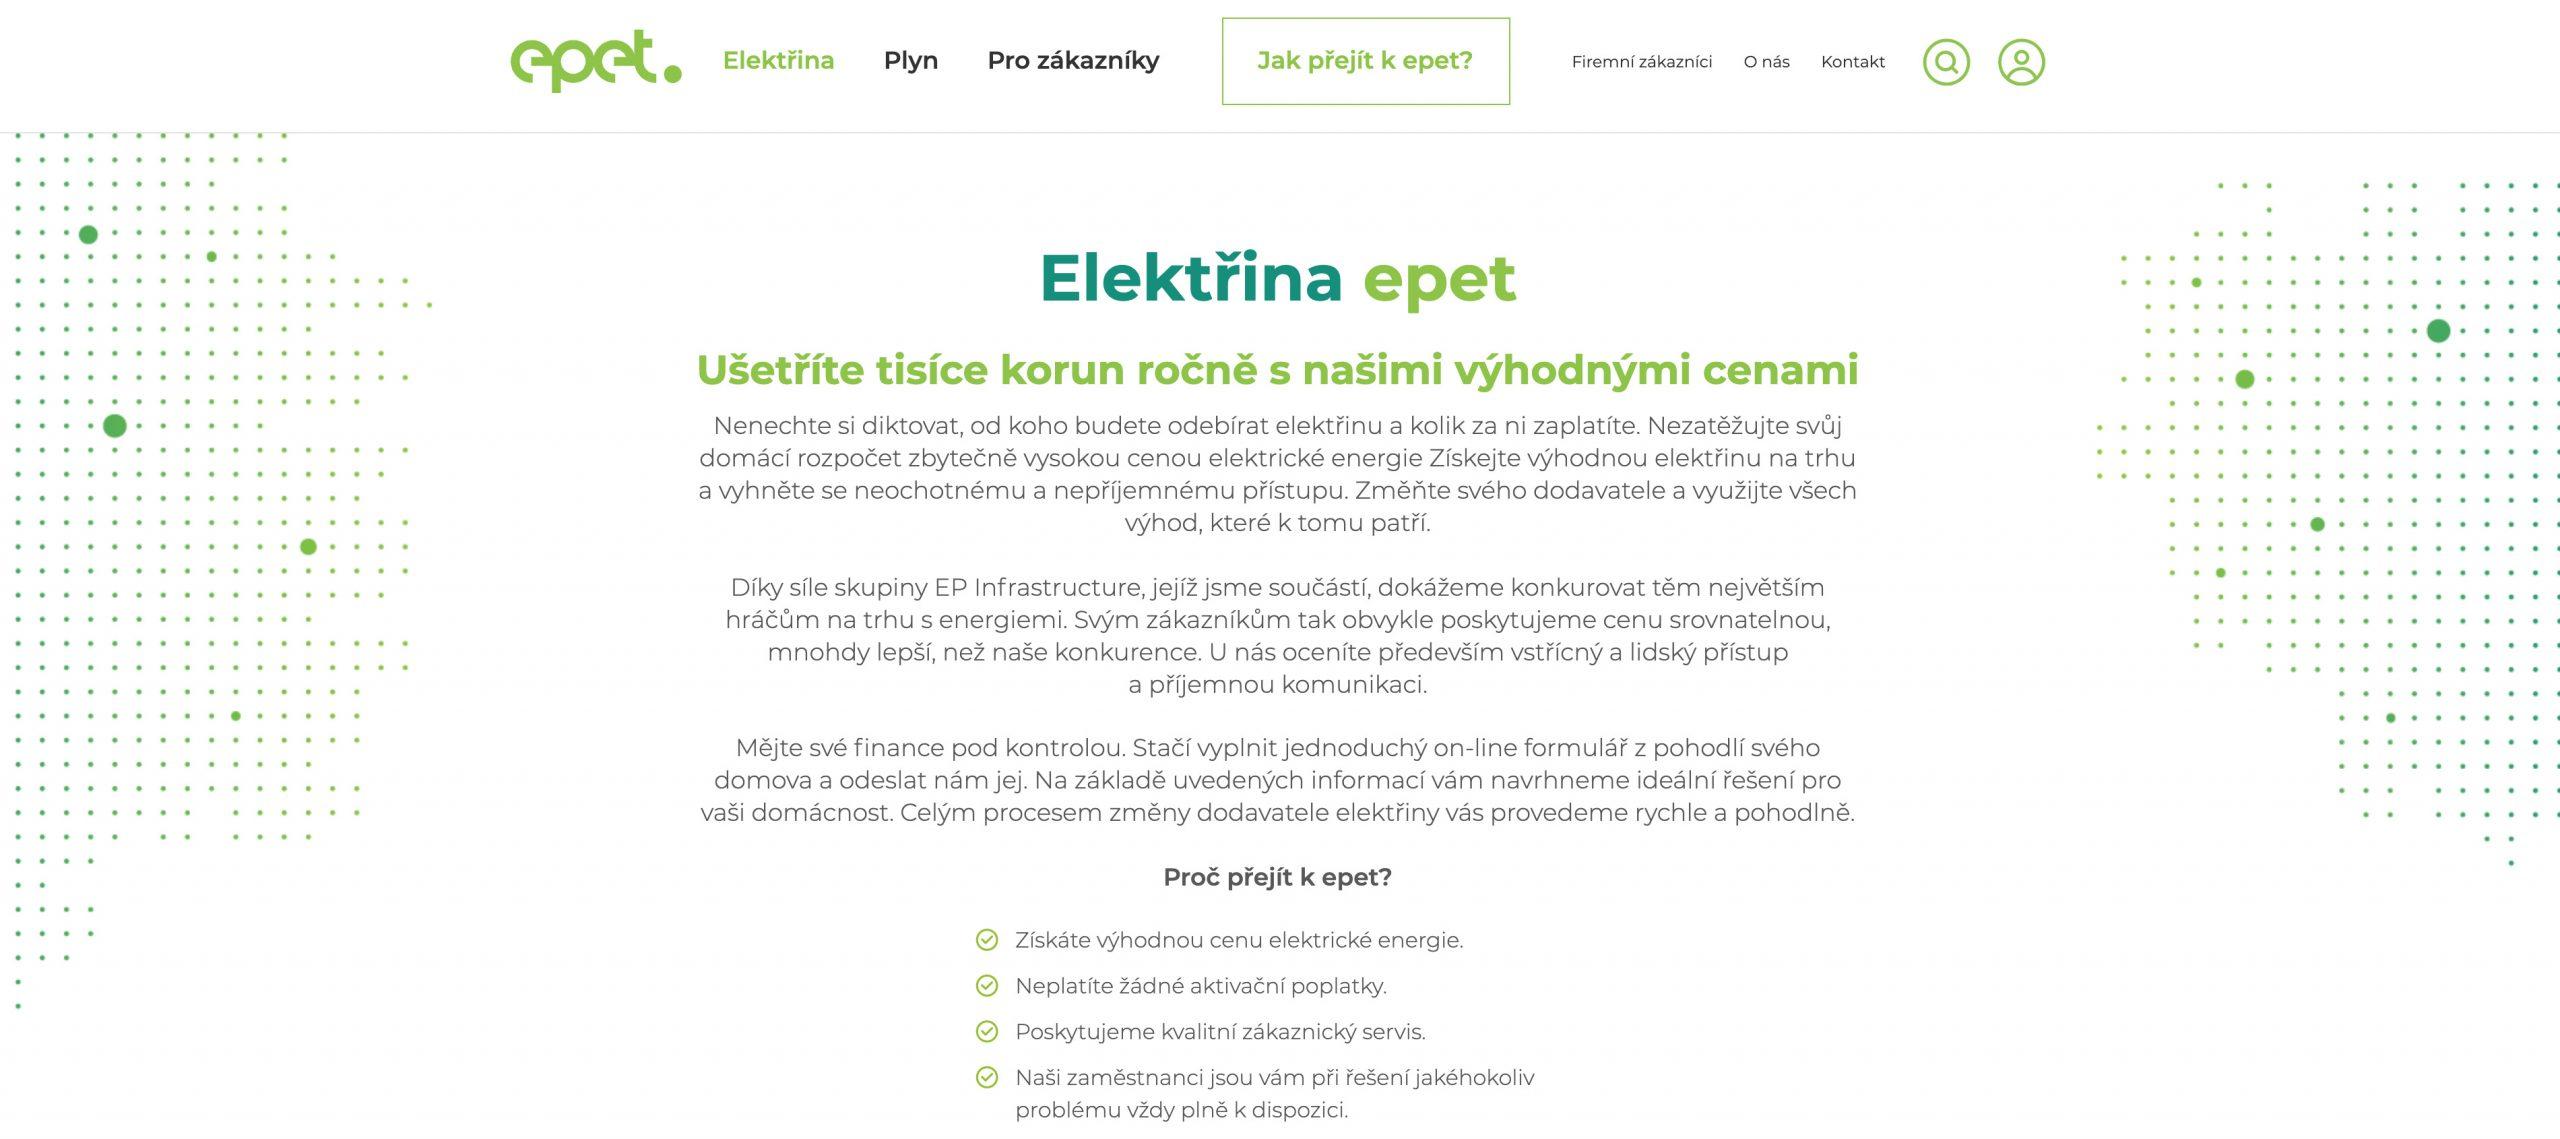 Ukázka webu Epet.cz